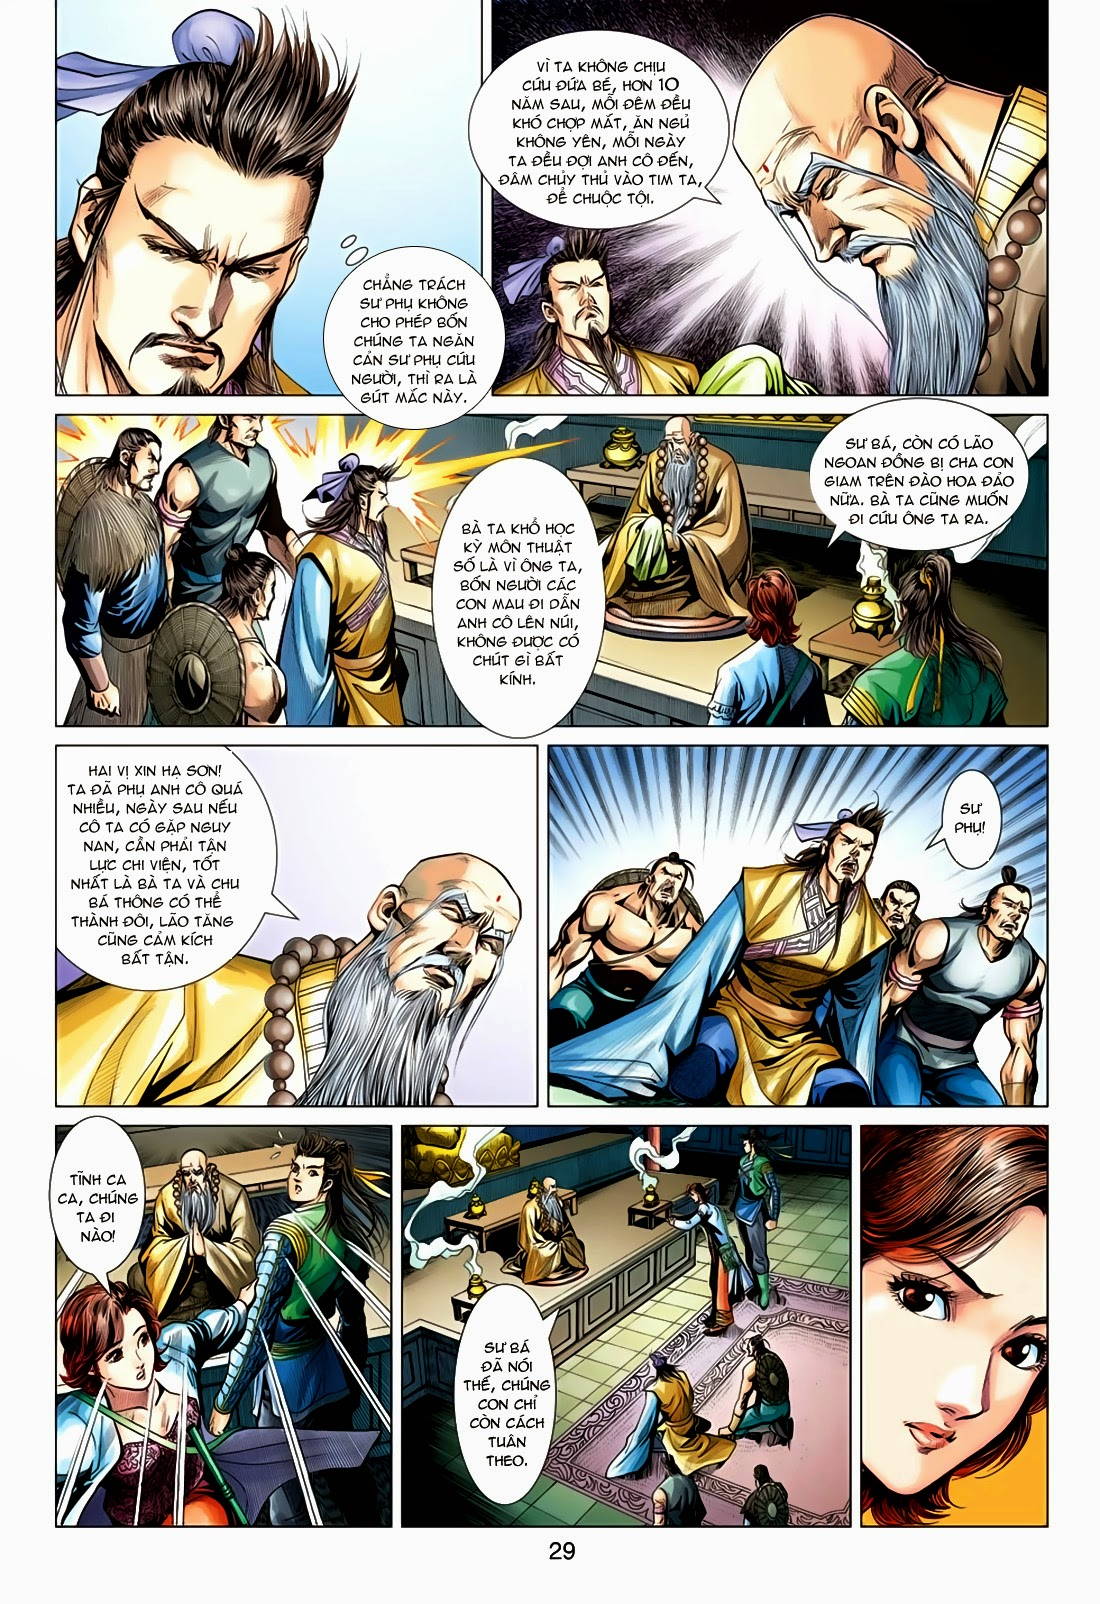 Anh Hùng Xạ Điêu anh hùng xạ đêu chap 78: sát anh trang 29